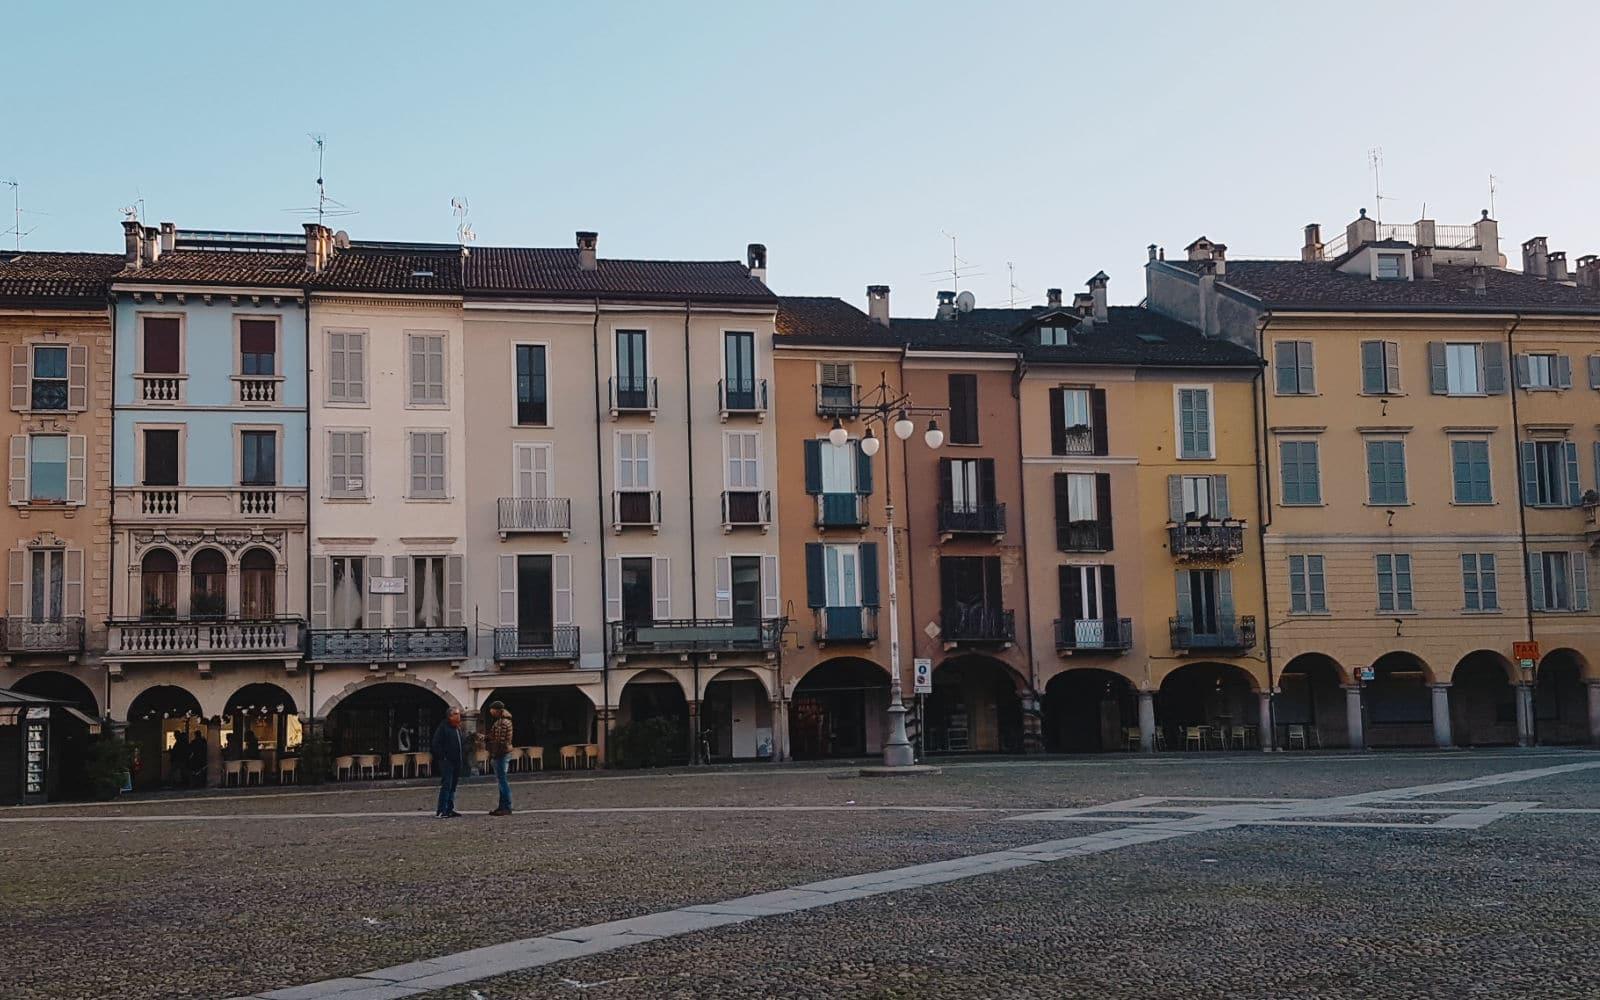 Dicas de Lodi: o que ver em uma das principais cidades da Lombardia